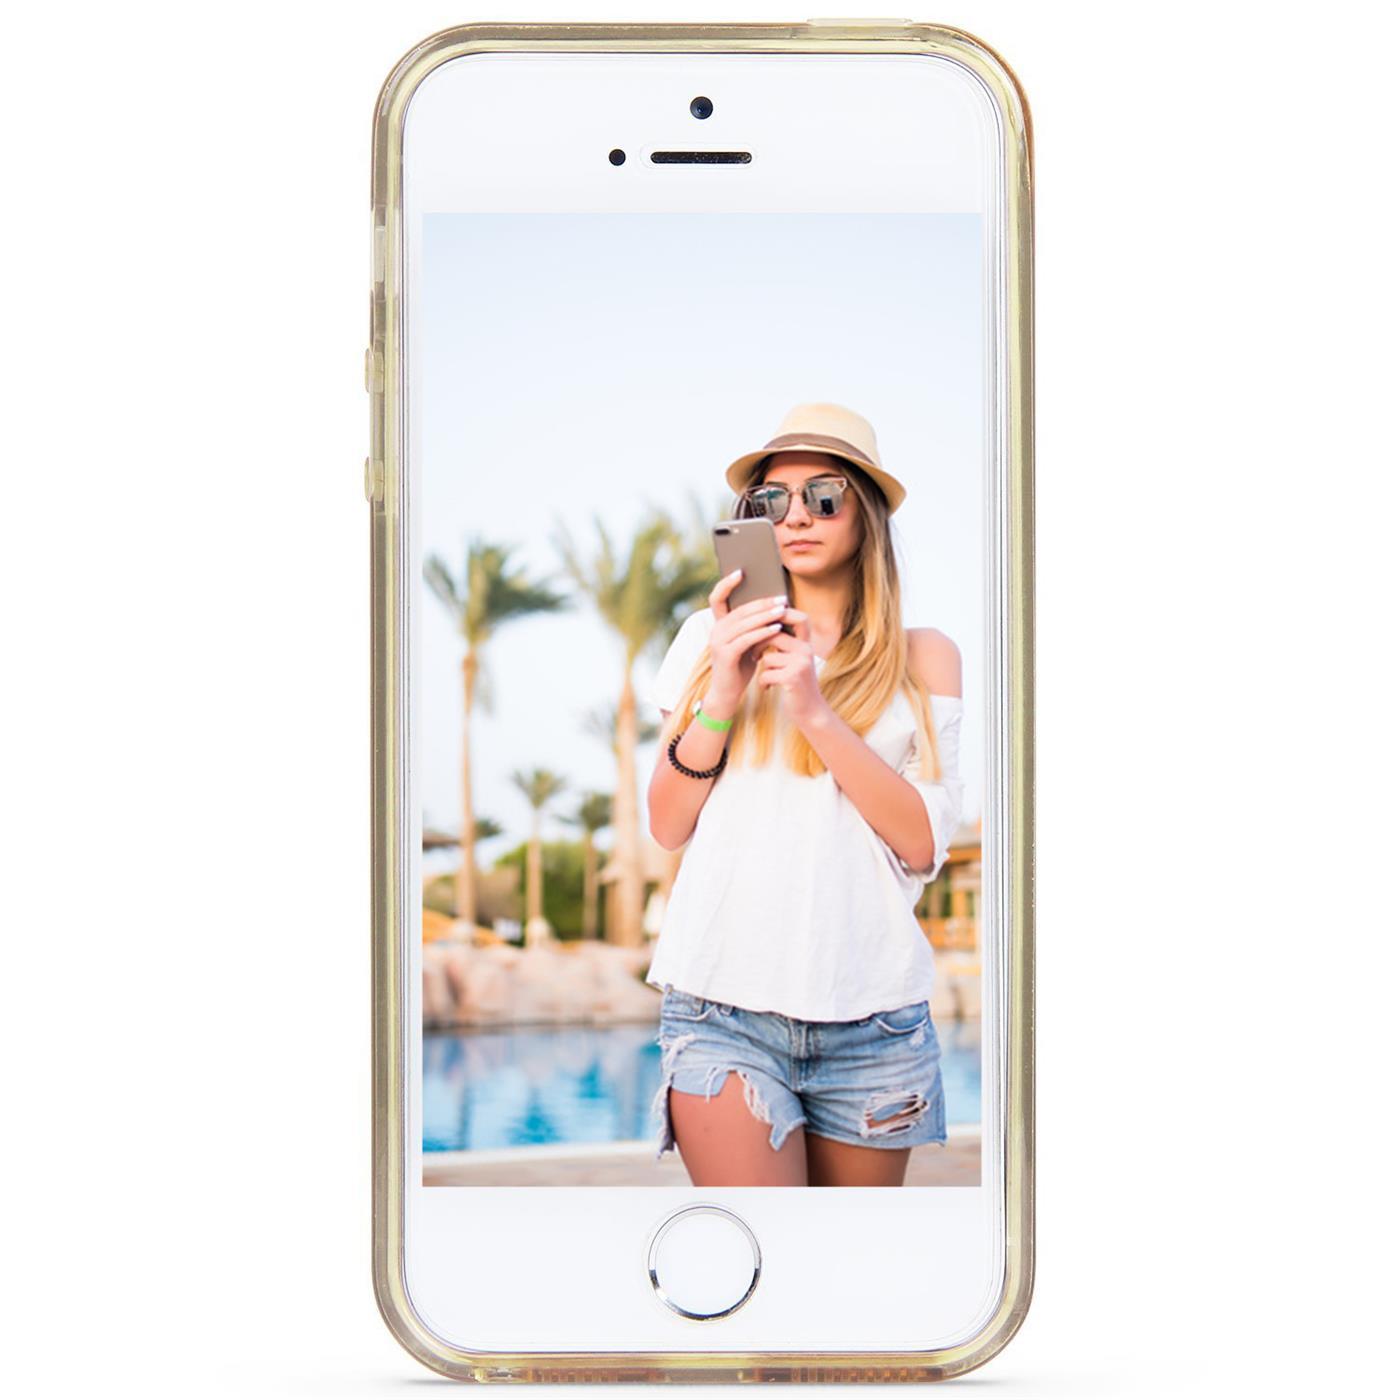 Handy-Glitzer-Huelle-fuer-Apple-iPhone-Slim-TPU-Cover-Case-Silikon-Schutz-Tasche Indexbild 5